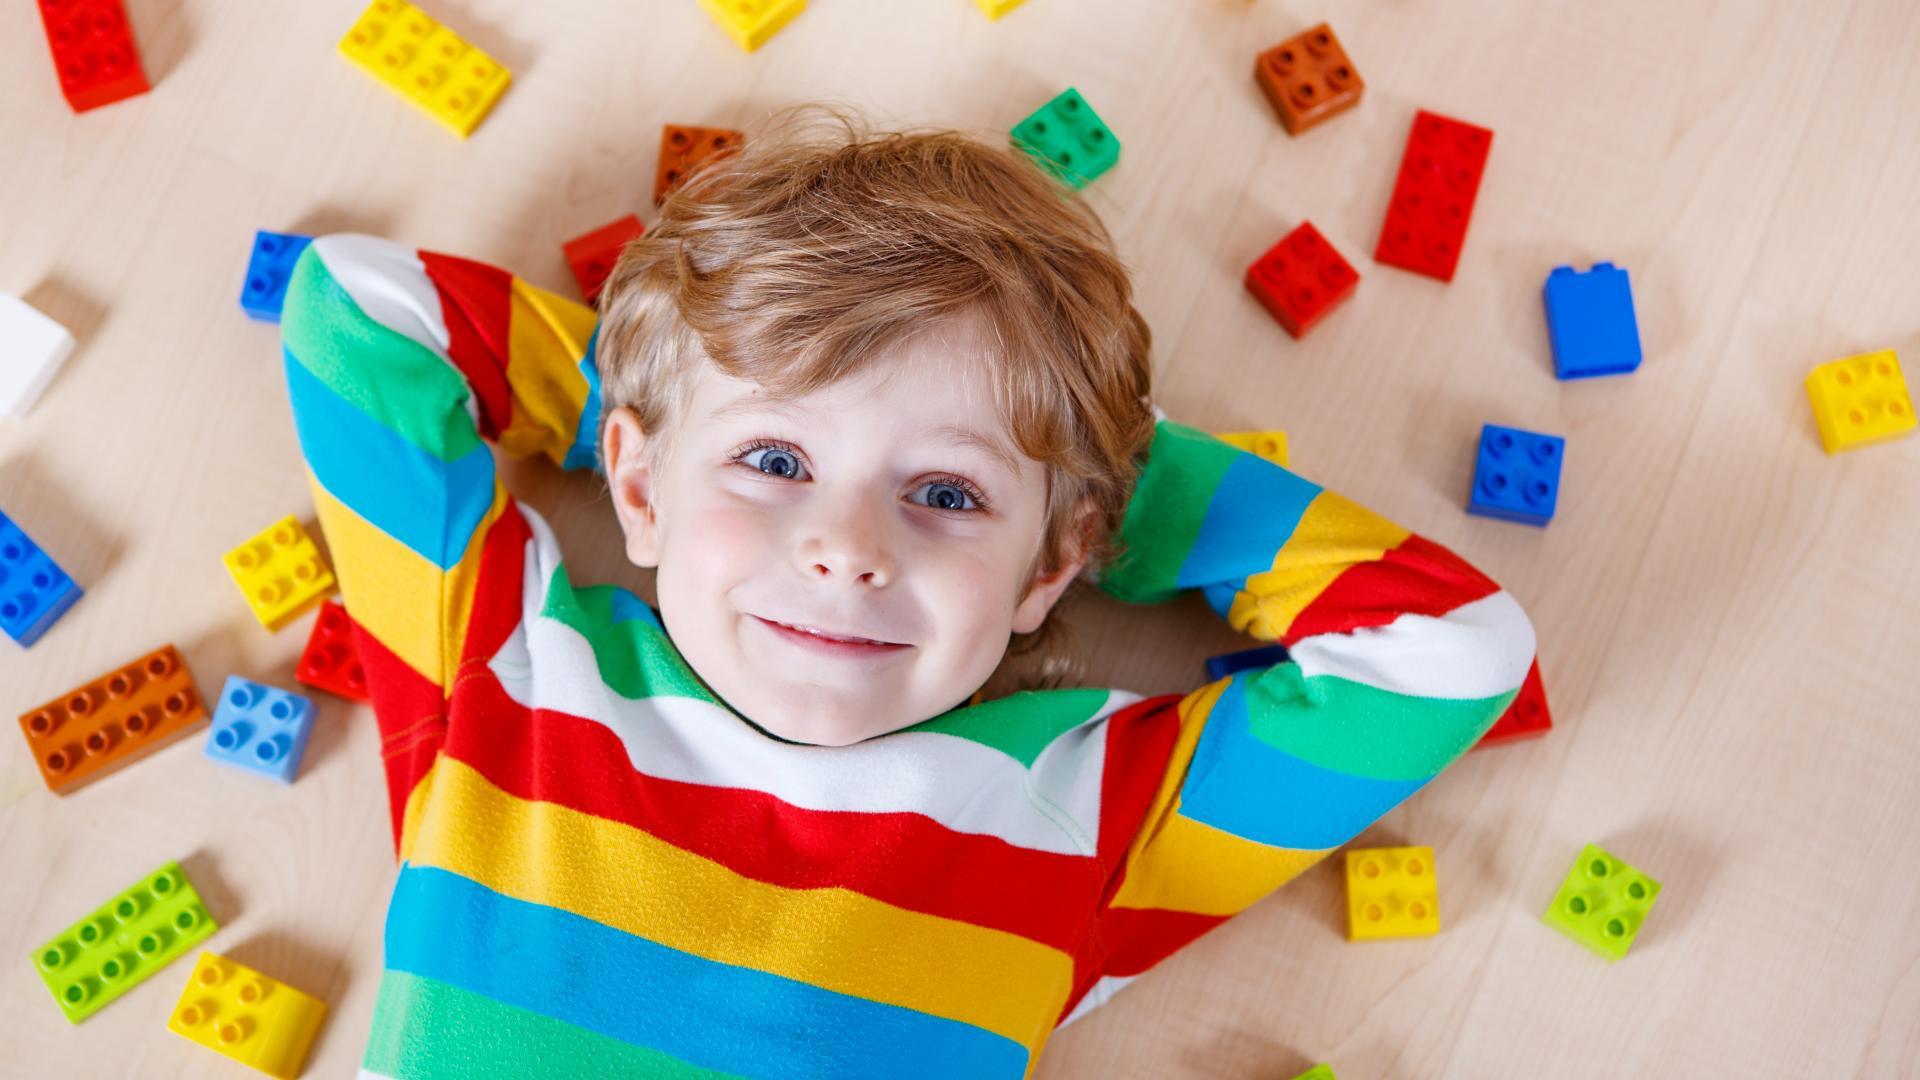 ألعاب لتنمية مهارات الطفل حتى 7 سنوات